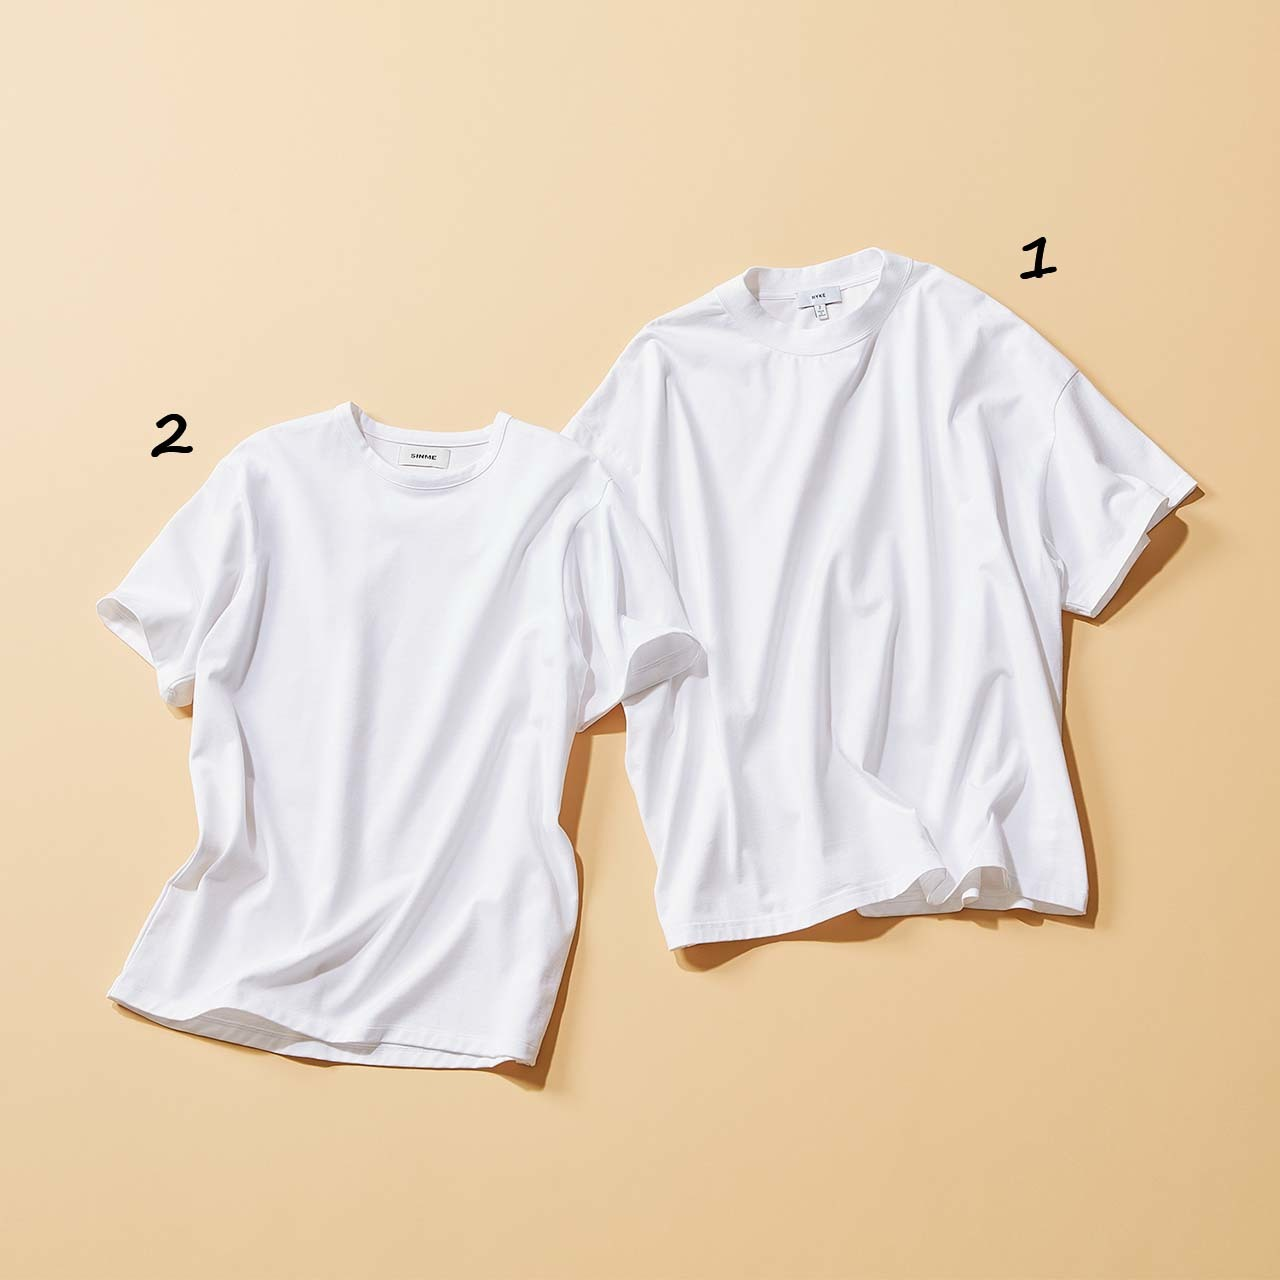 白Tシャツ2枚